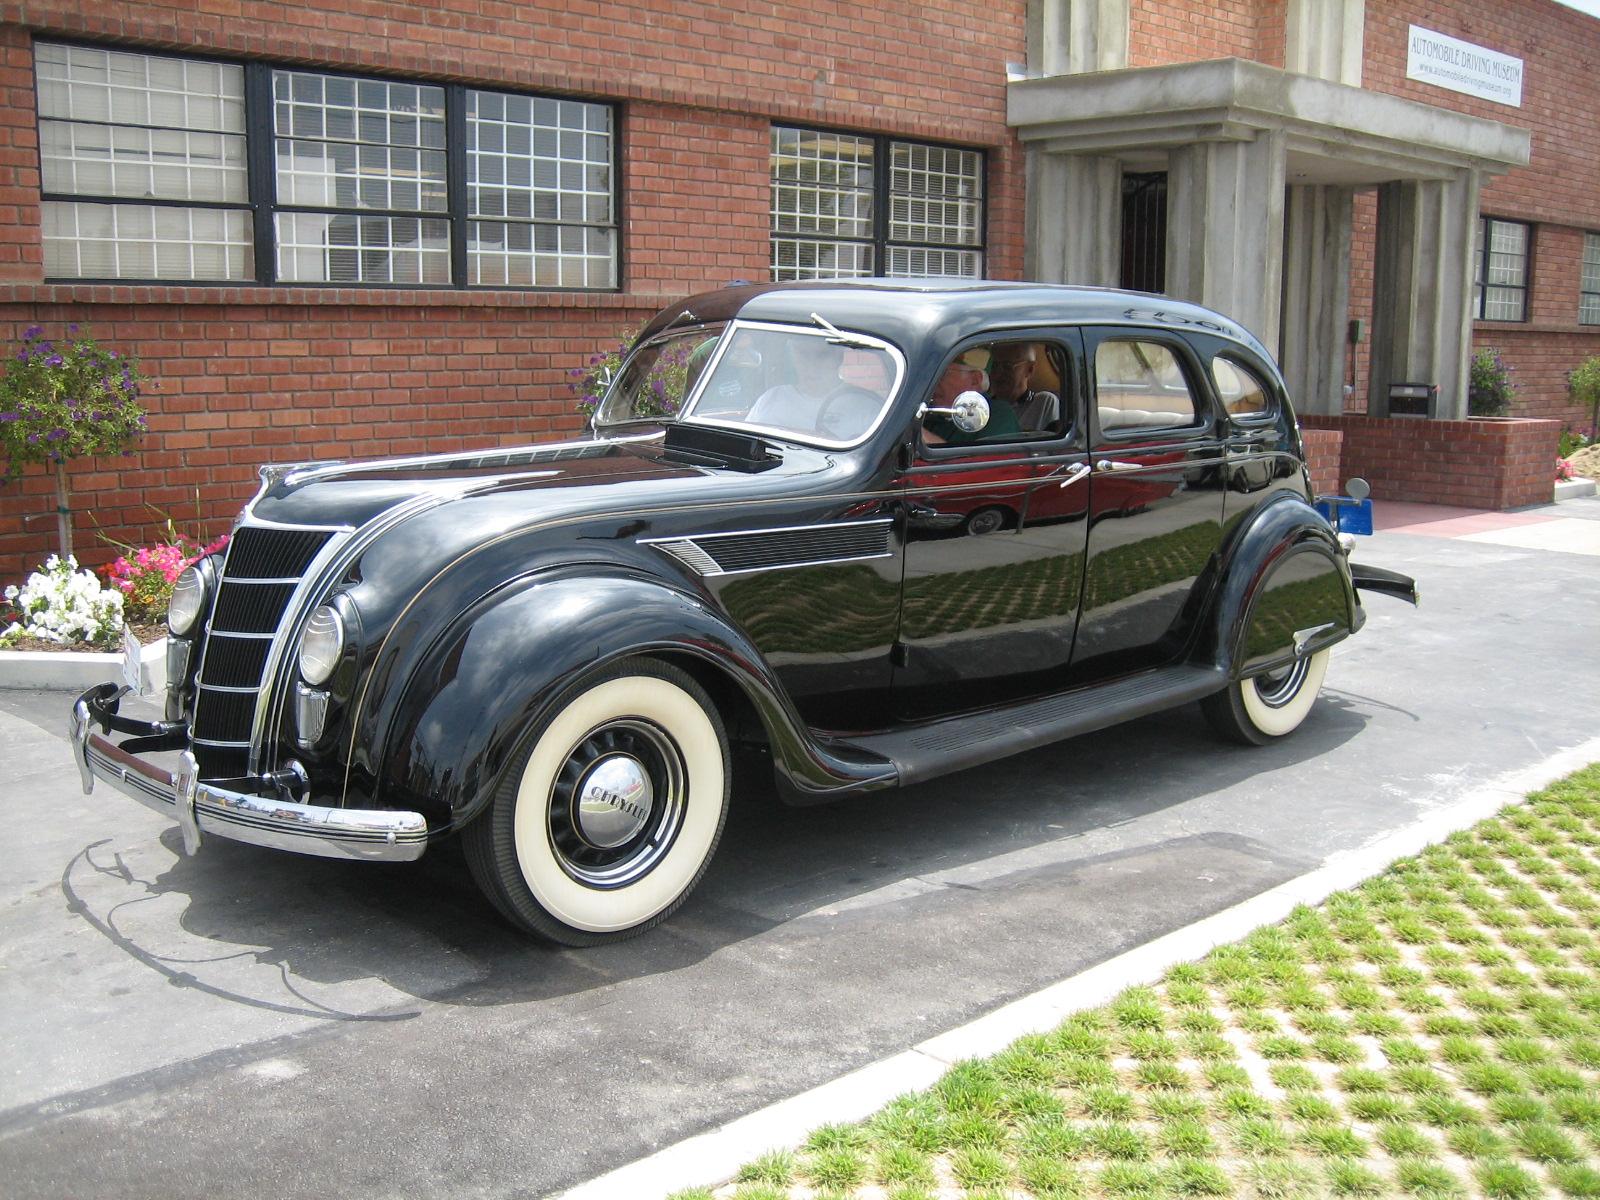 1935 Chrysler Airflow rental